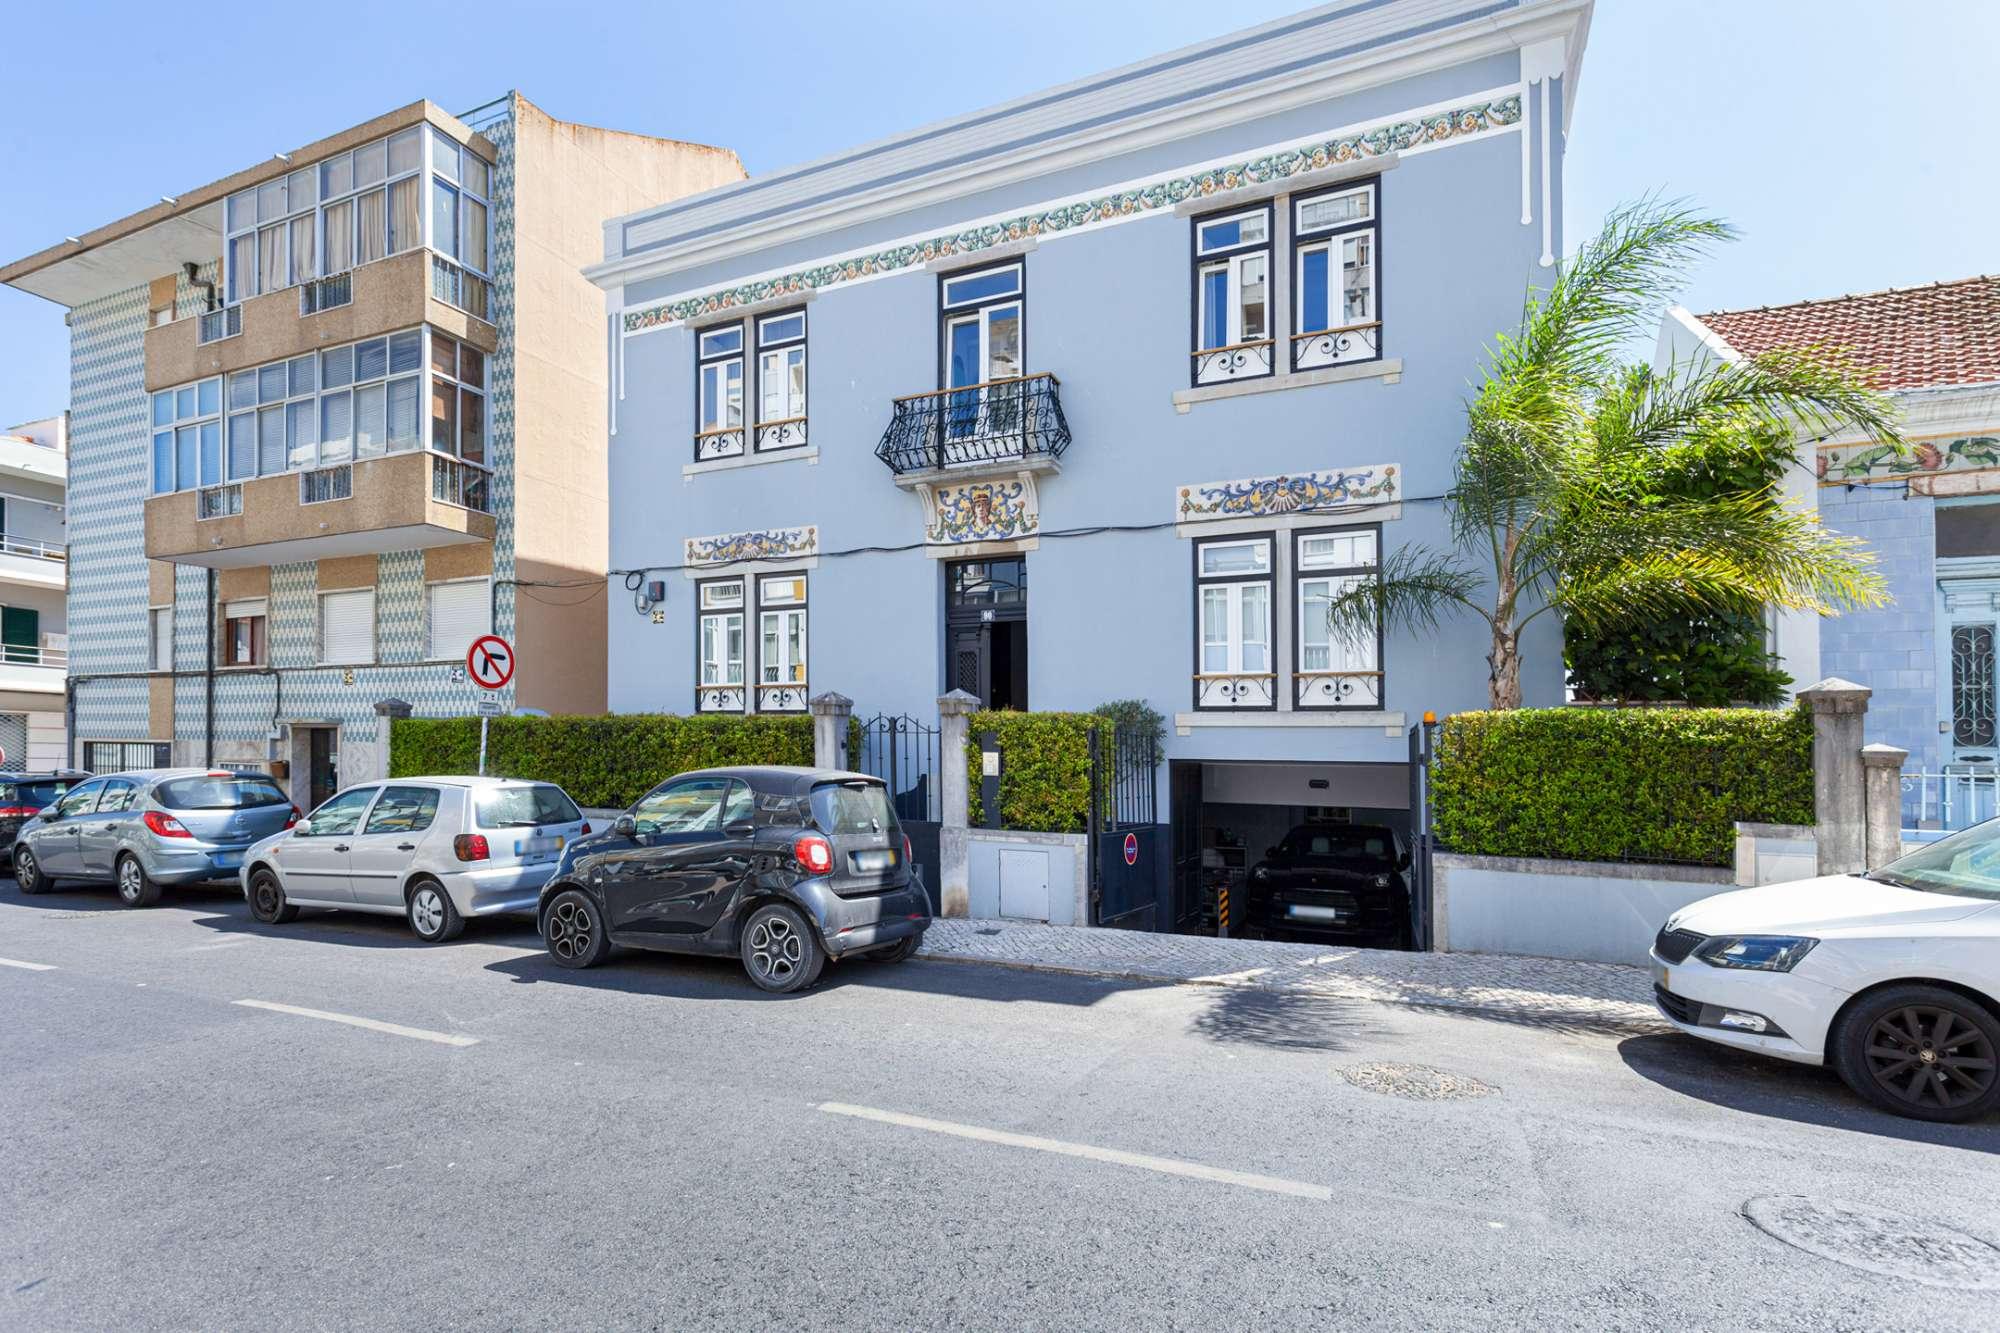 Maison normal 4 pièces, Oeiras